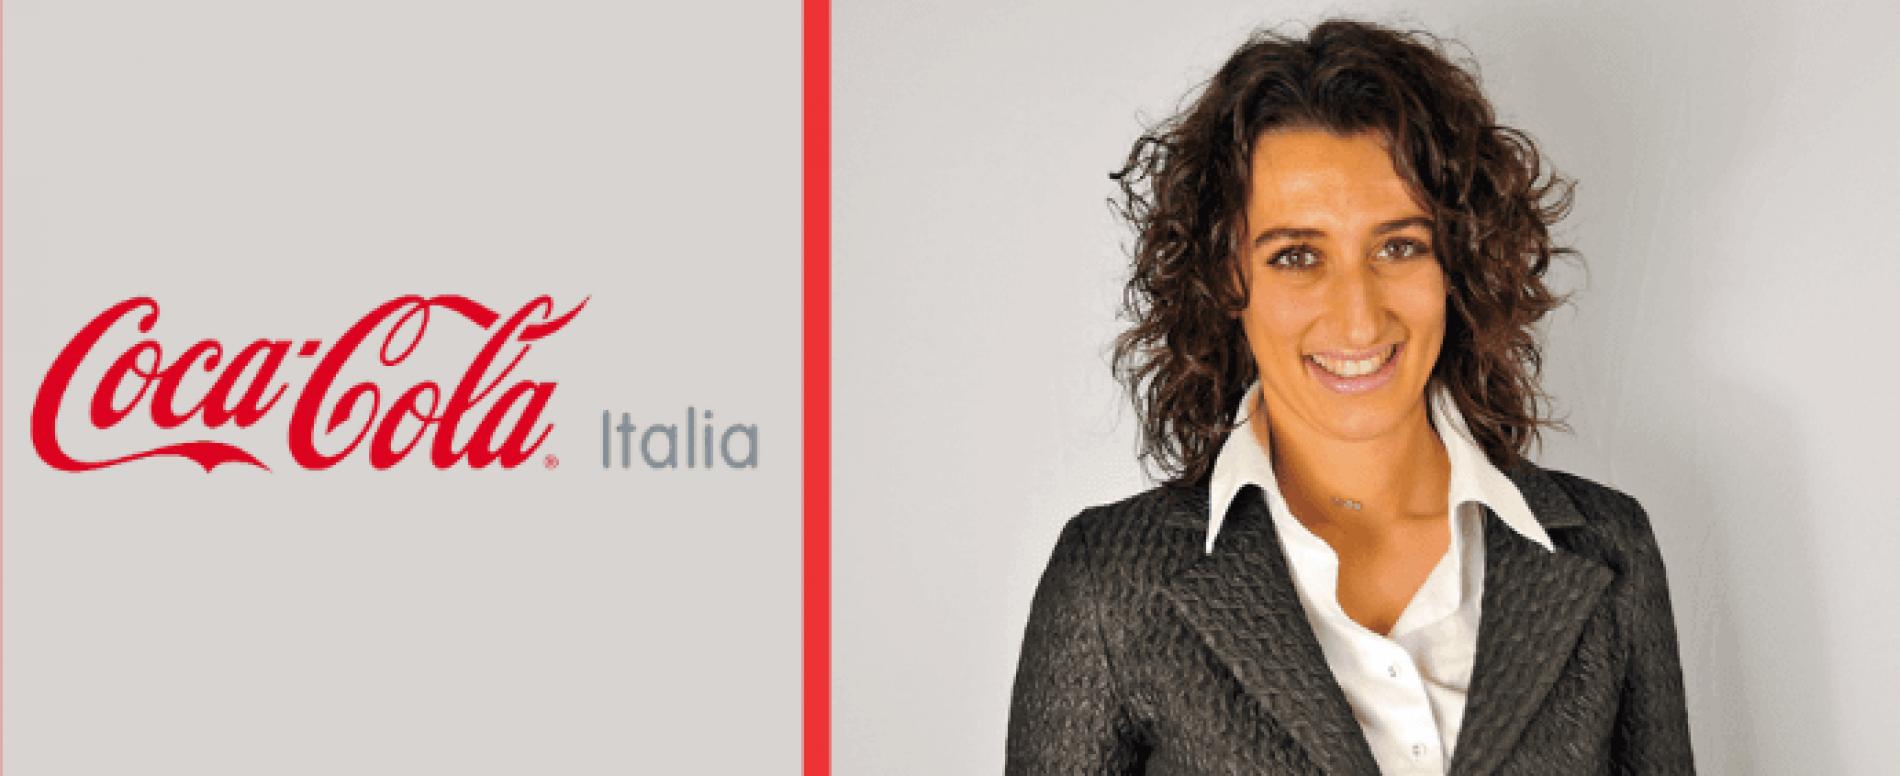 Giuliana Mantovano direttore marketing Coca-Cola Italia e Albania